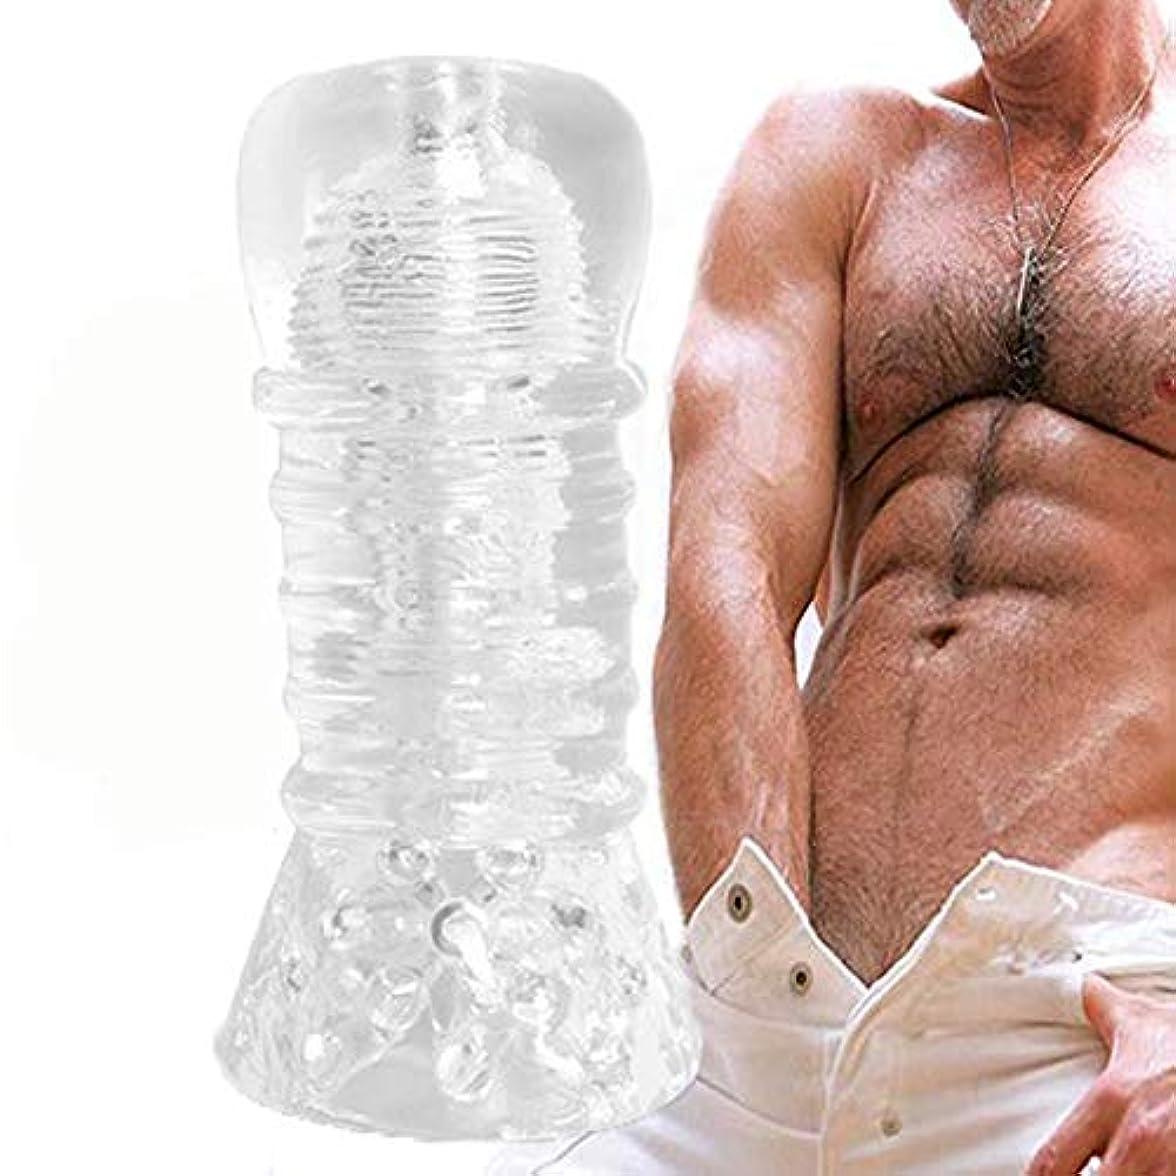 酸度疎外する稚魚ディレイトレーニング装置男性オナニー TPRオナニーカップメンズ 男性オナニー G スポット刺激 超柔らかい 透明 情趣グッズ 大人のおもちゃ 男性用